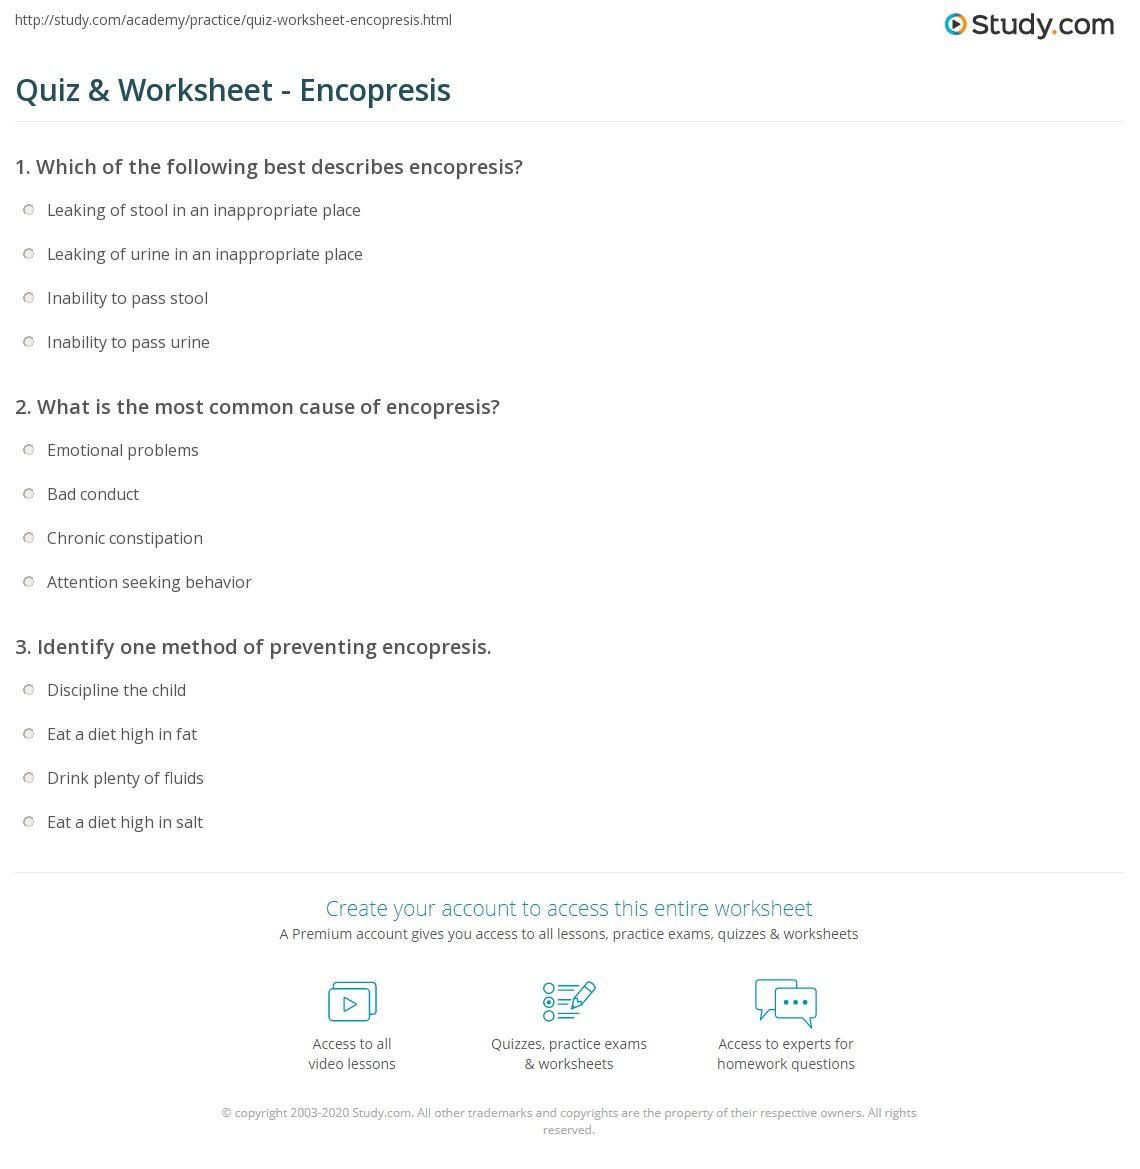 quiz worksheet encopresis. Black Bedroom Furniture Sets. Home Design Ideas